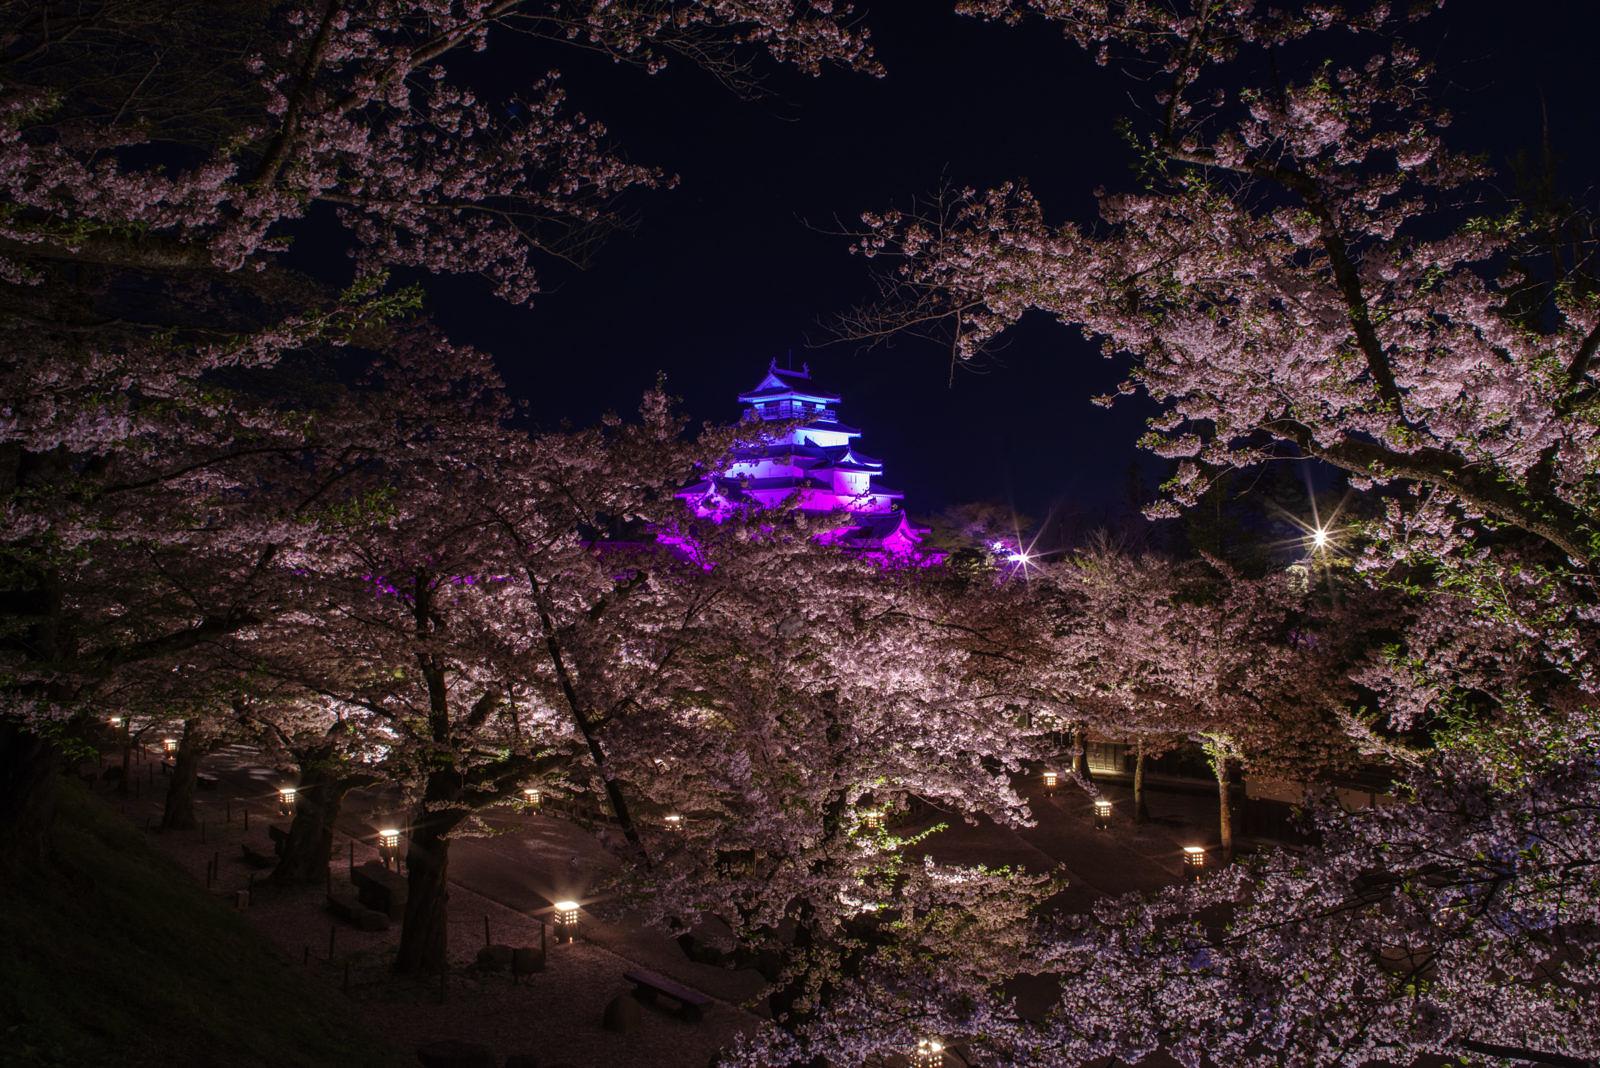 会津若松城の桜ライトアップ | PENTAX K-1&D FA★70-200mm